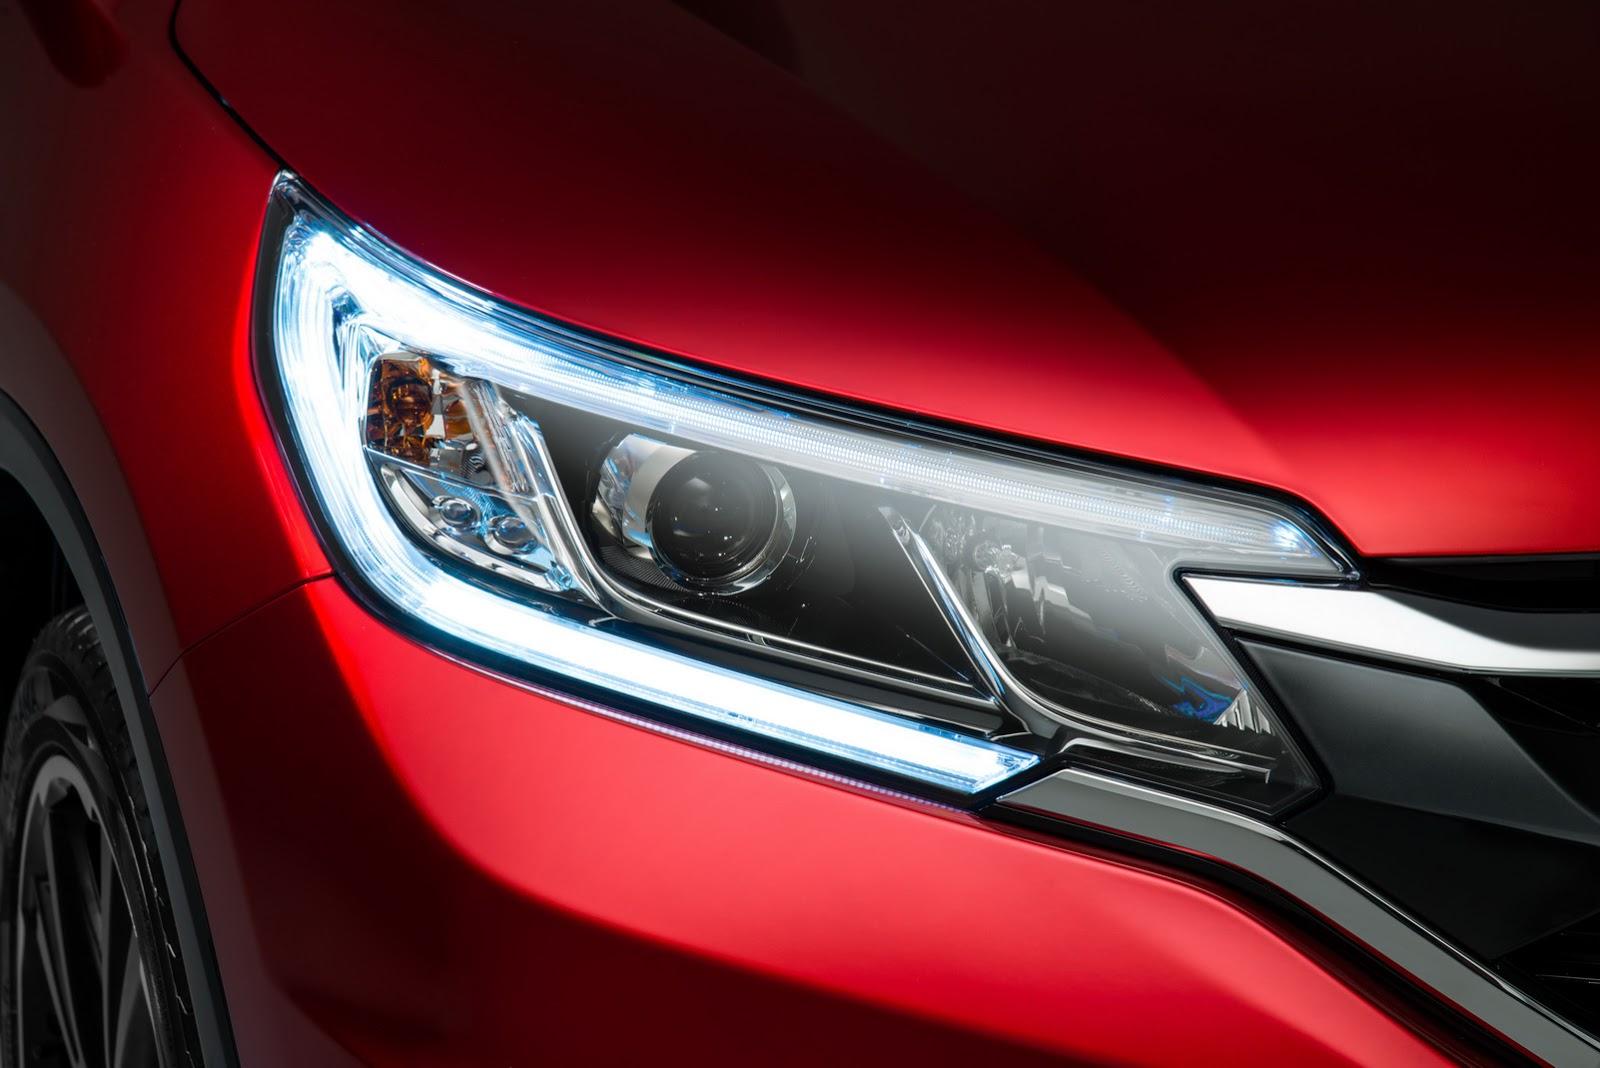 2015-Honda-CR-V-Facelift-Europe-1 (3)